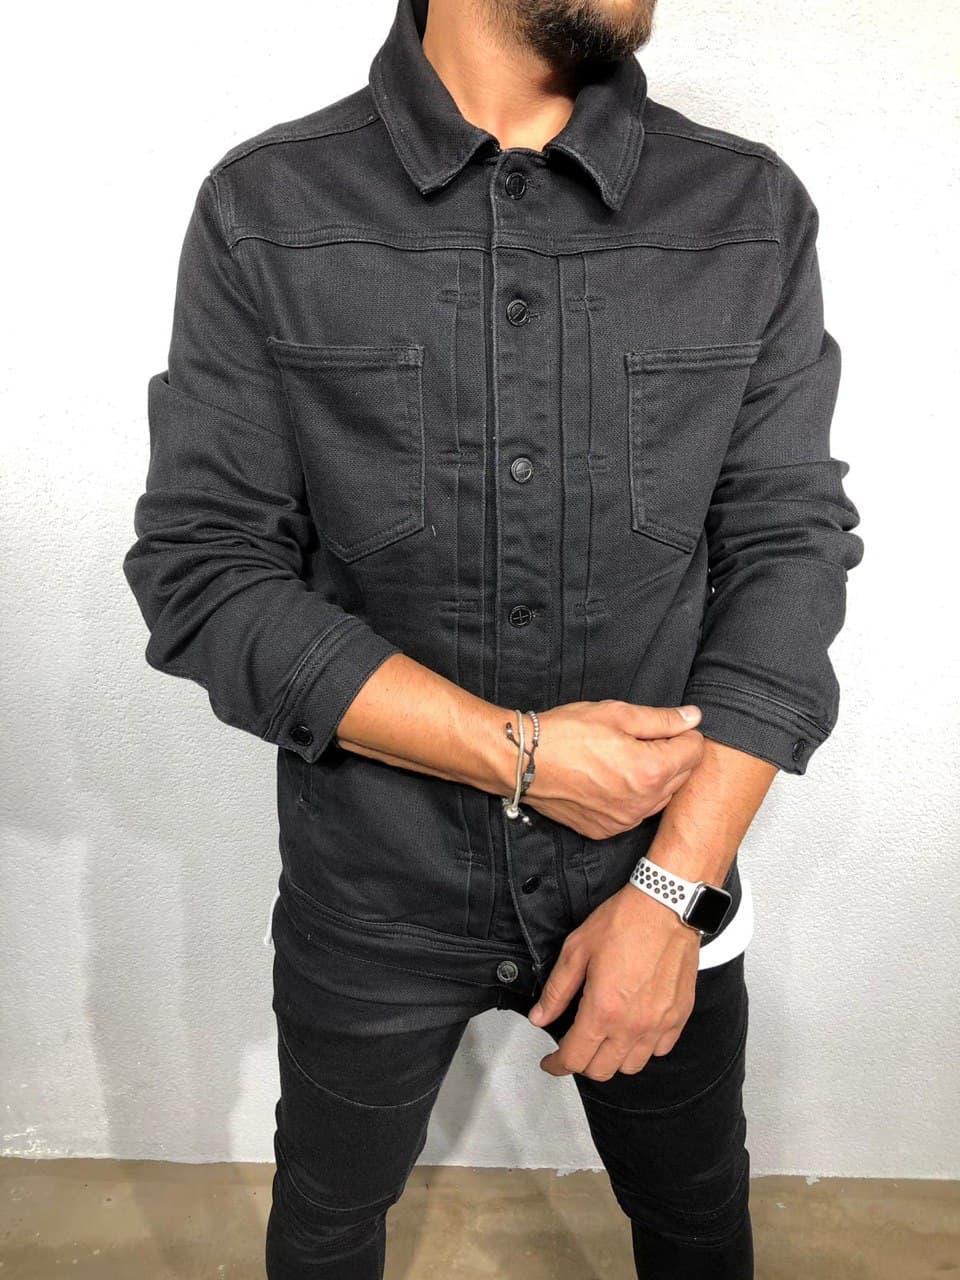 Молодіжний чоловічий піджак джинсовий джинсовці чорна | Стильна легка куртка сорочка літня